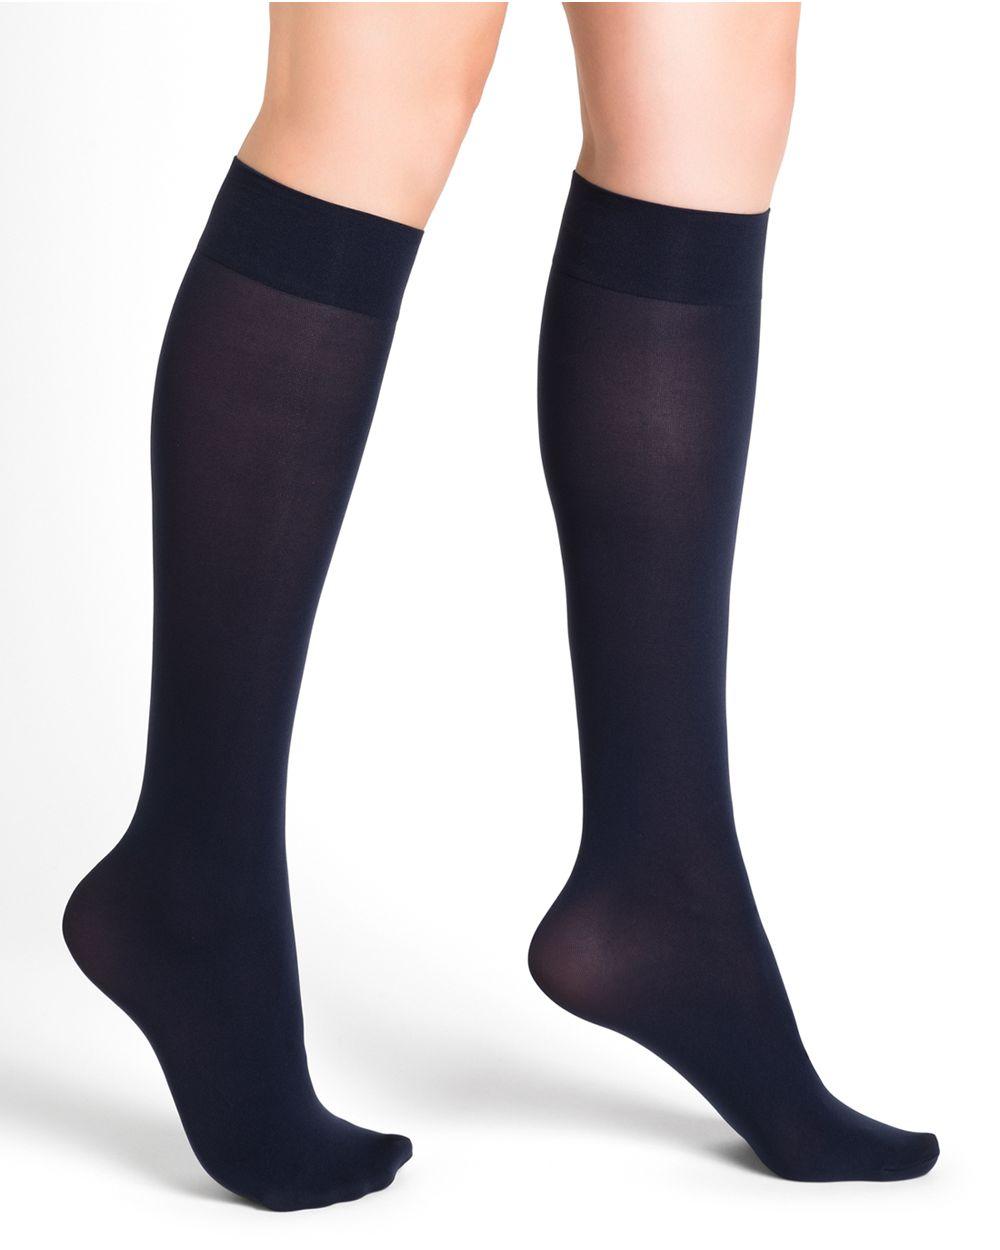 Intense 50D opaque knee-highs - Excellence